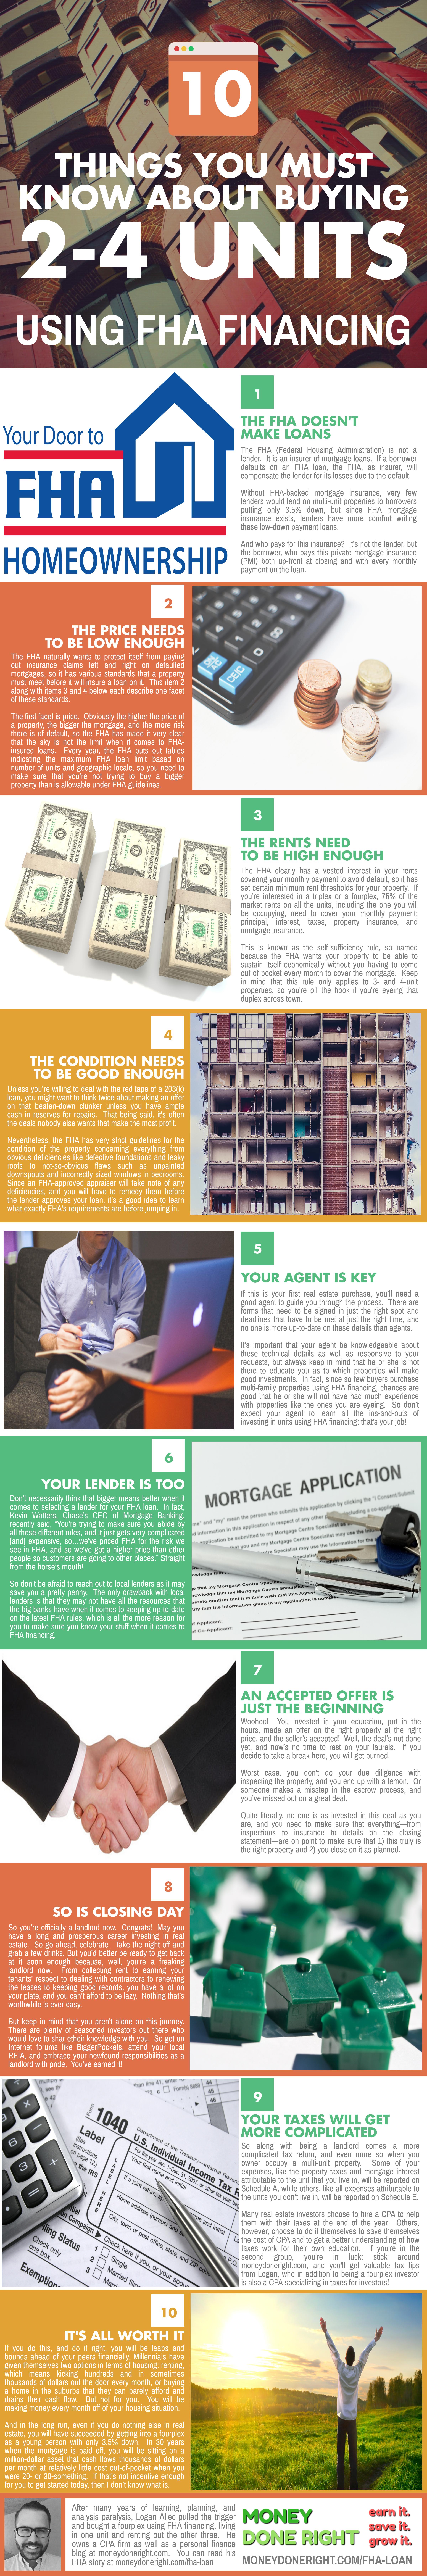 FHA Loan 2, 3, 4 Units